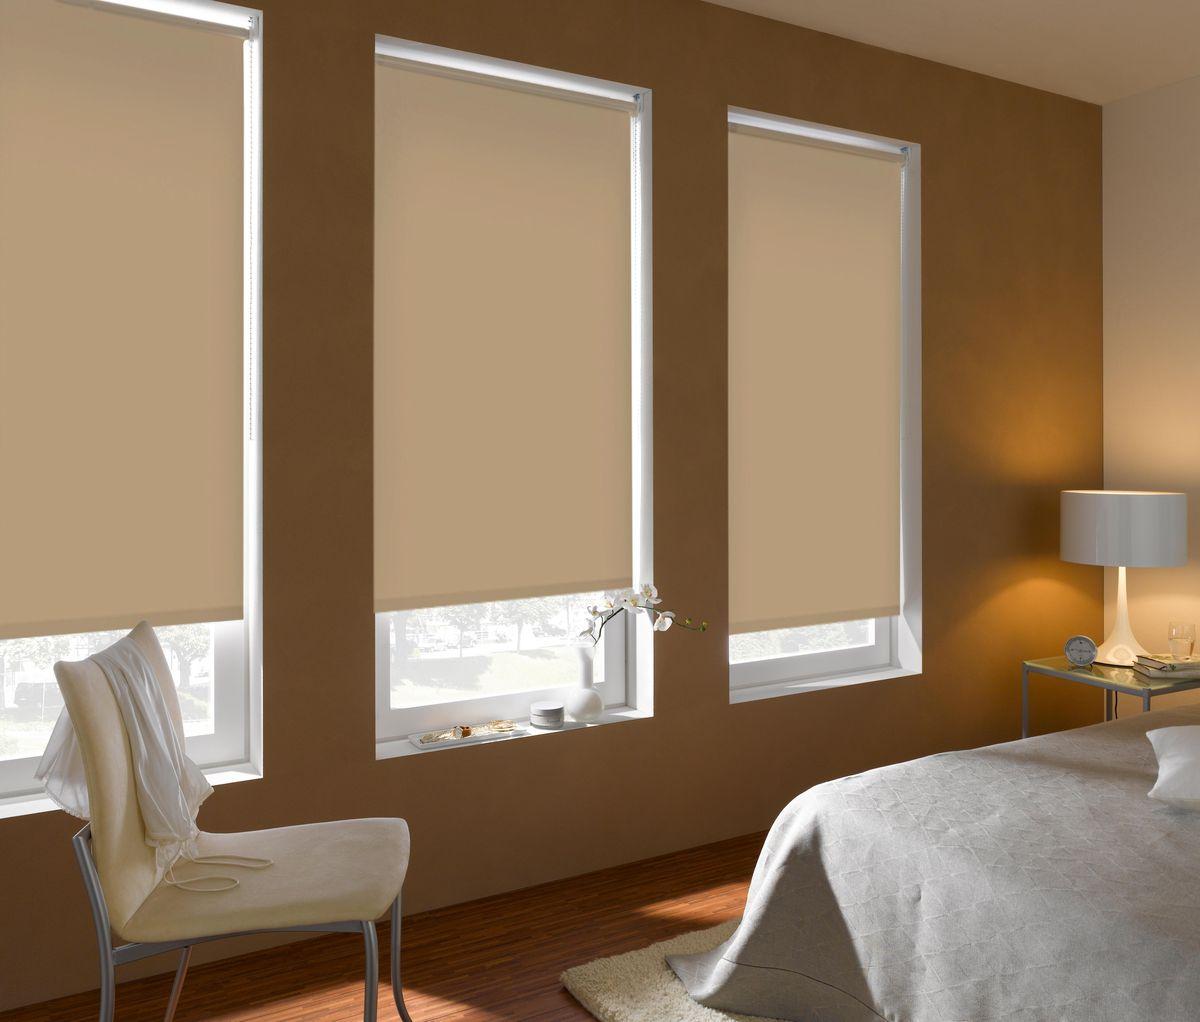 Штора рулонная Эскар Blackout, светонепроницаемая, цвет: бежевый, ширина 210 см, высота 170 см84009210170Рулонными шторами можно оформлять окна как самостоятельно, так и использовать в комбинации с портьерами. Это поможет предотвратить выгорание дорогой ткани на солнце и соединит функционал рулонных с красотой навесных. Преимущества применения рулонных штор для пластиковых окон: - имеют прекрасный внешний вид: многообразие и фактурность материала изделия отлично смотрятся в любом интерьере; - многофункциональны: есть возможность подобрать шторы способные эффективно защитить комнату от солнца, при этом она не будет слишком темной. - Есть возможность осуществить быстрый монтаж. ВНИМАНИЕ! Размеры ширины изделия указаны по ширине ткани! Во время эксплуатации не рекомендуется полностью разматывать рулон, чтобы не оторвать ткань от намоточного вала. В случае загрязнения поверхности ткани, чистку шторы проводят одним из способов, в зависимости от типа загрязнения: легкое поверхностное загрязнение можно удалить при помощи канцелярского ластика; чистка от пыли производится сухим методом при...